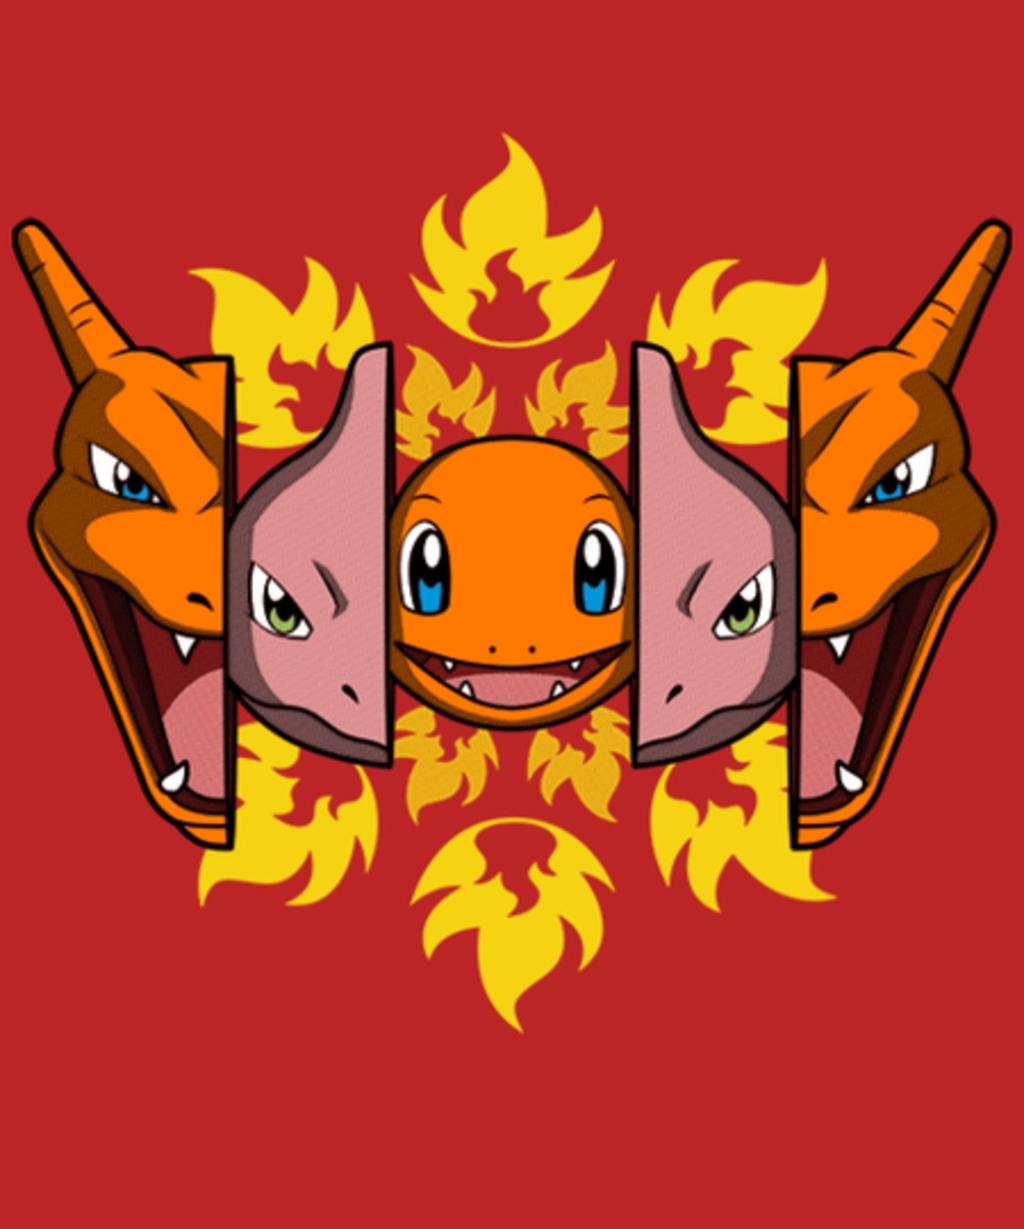 Qwertee: Fire Evolution